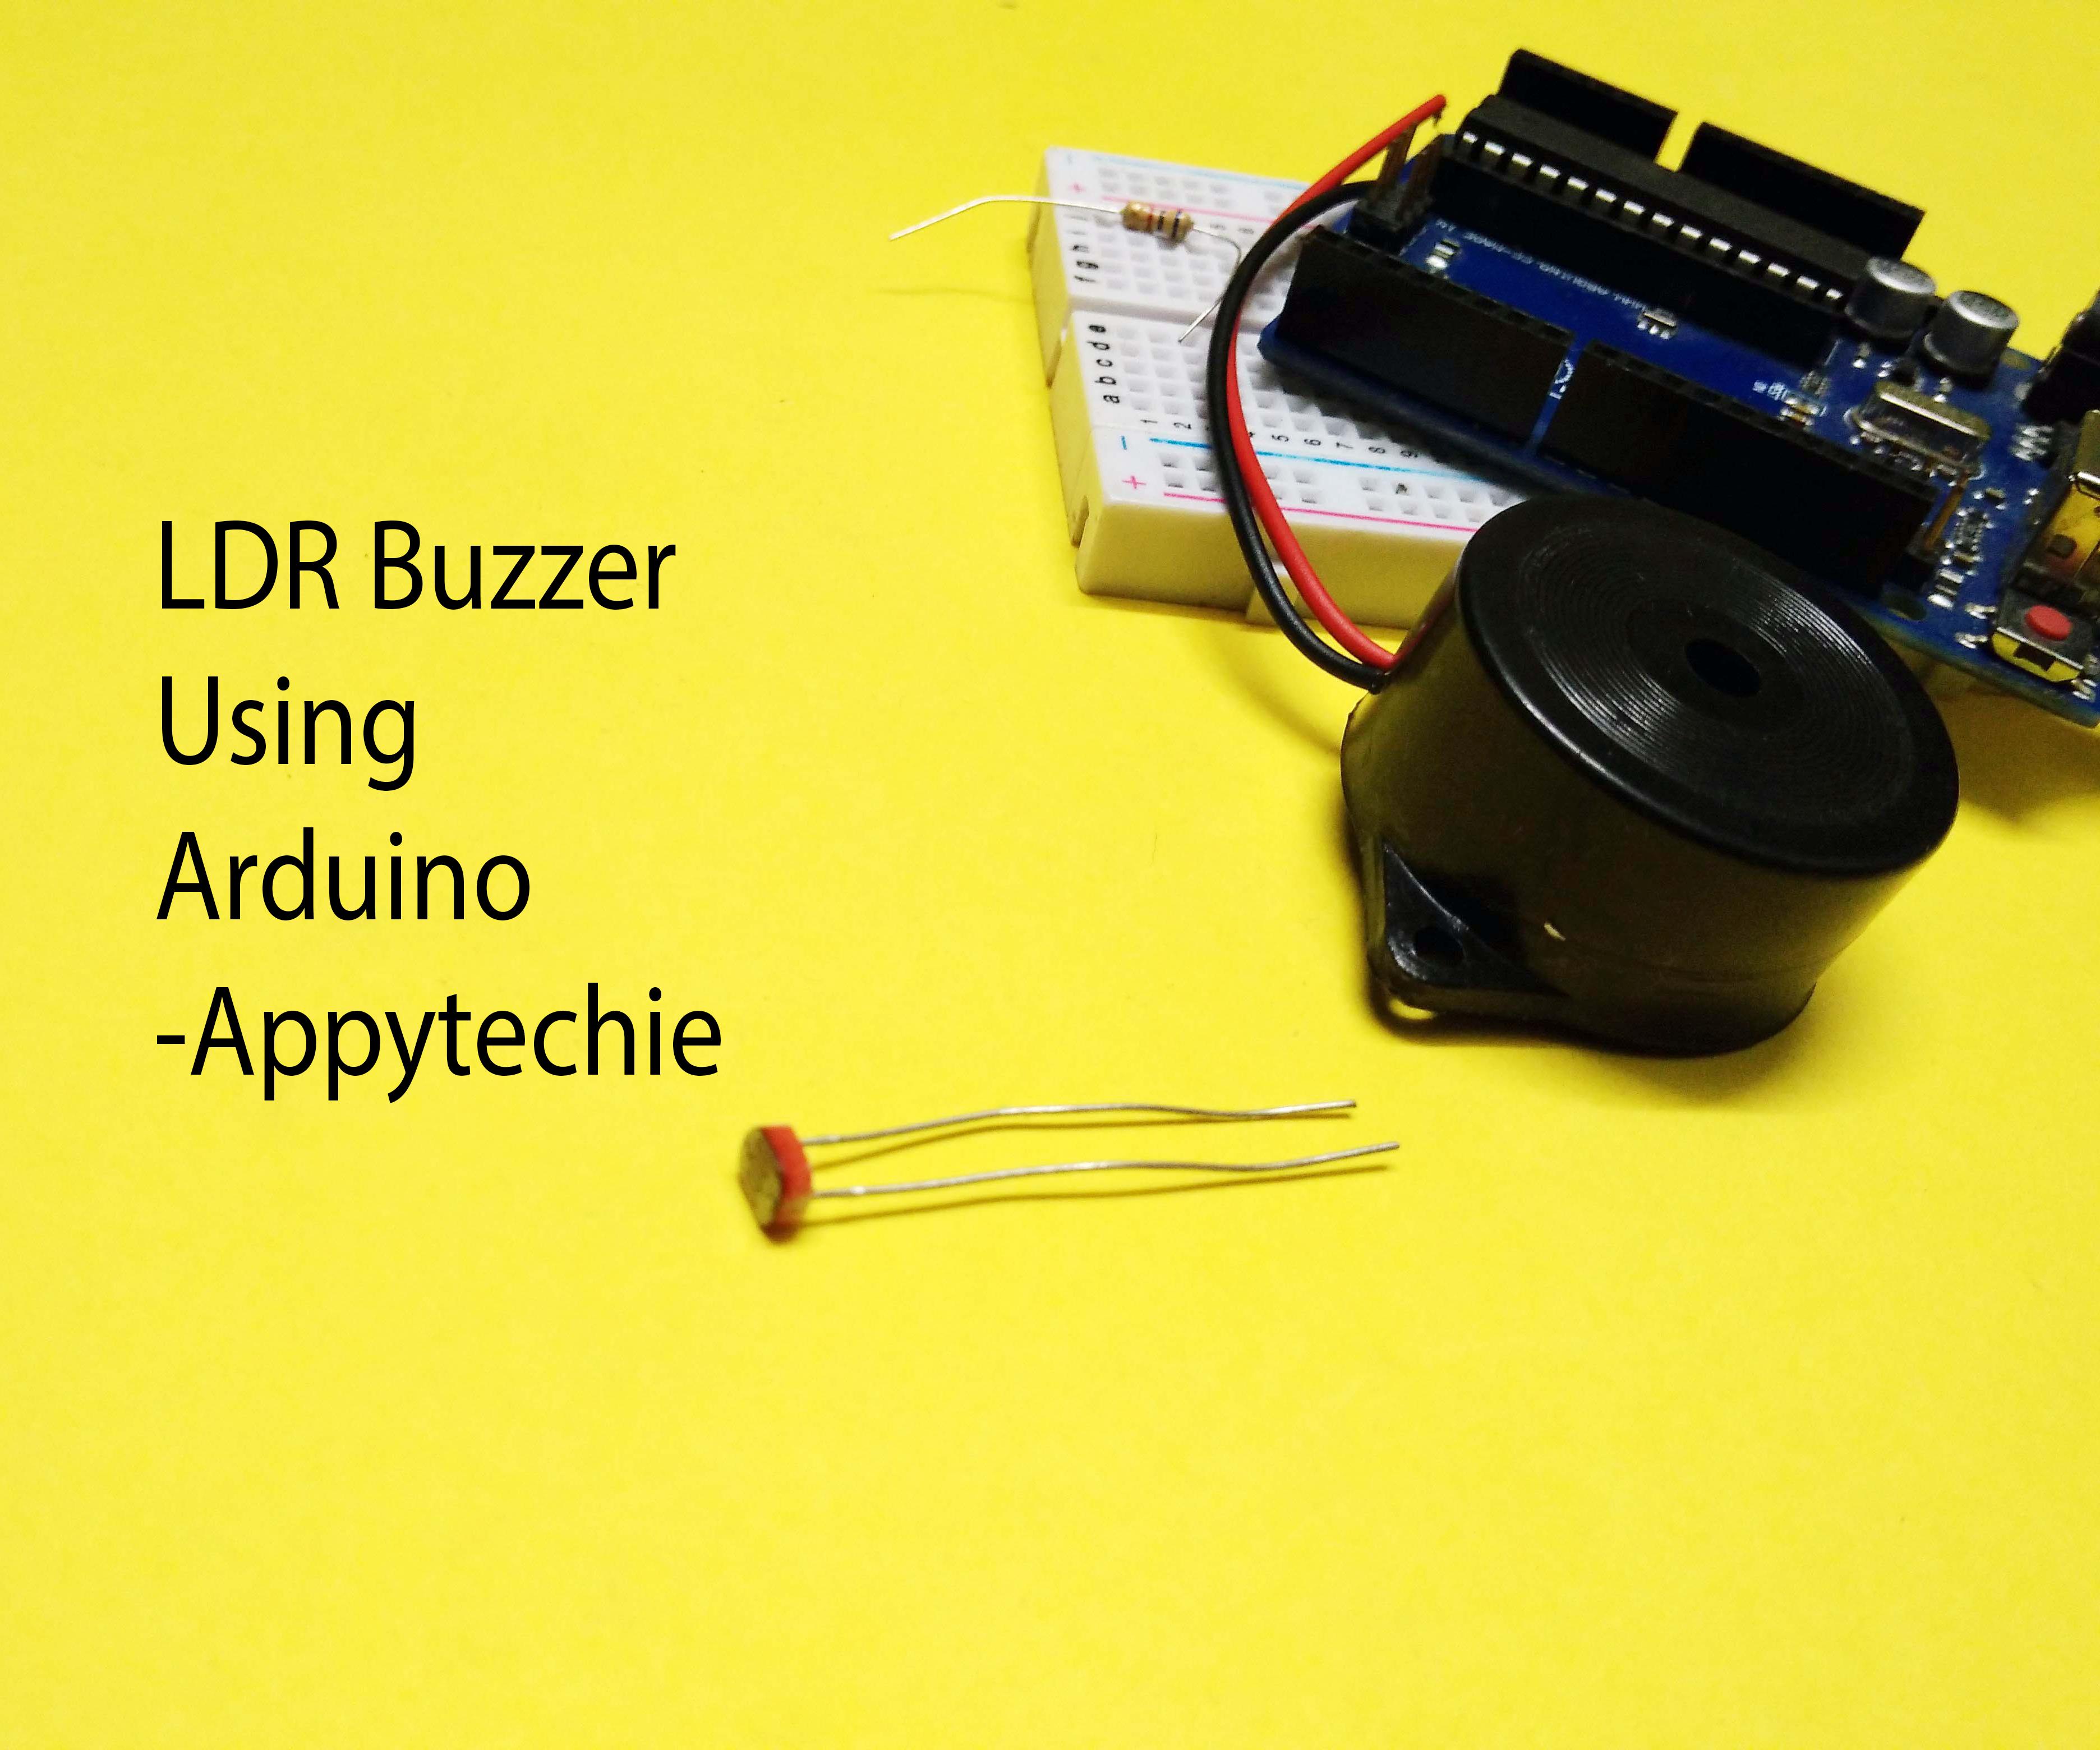 LDR Buzzer Using Arduino